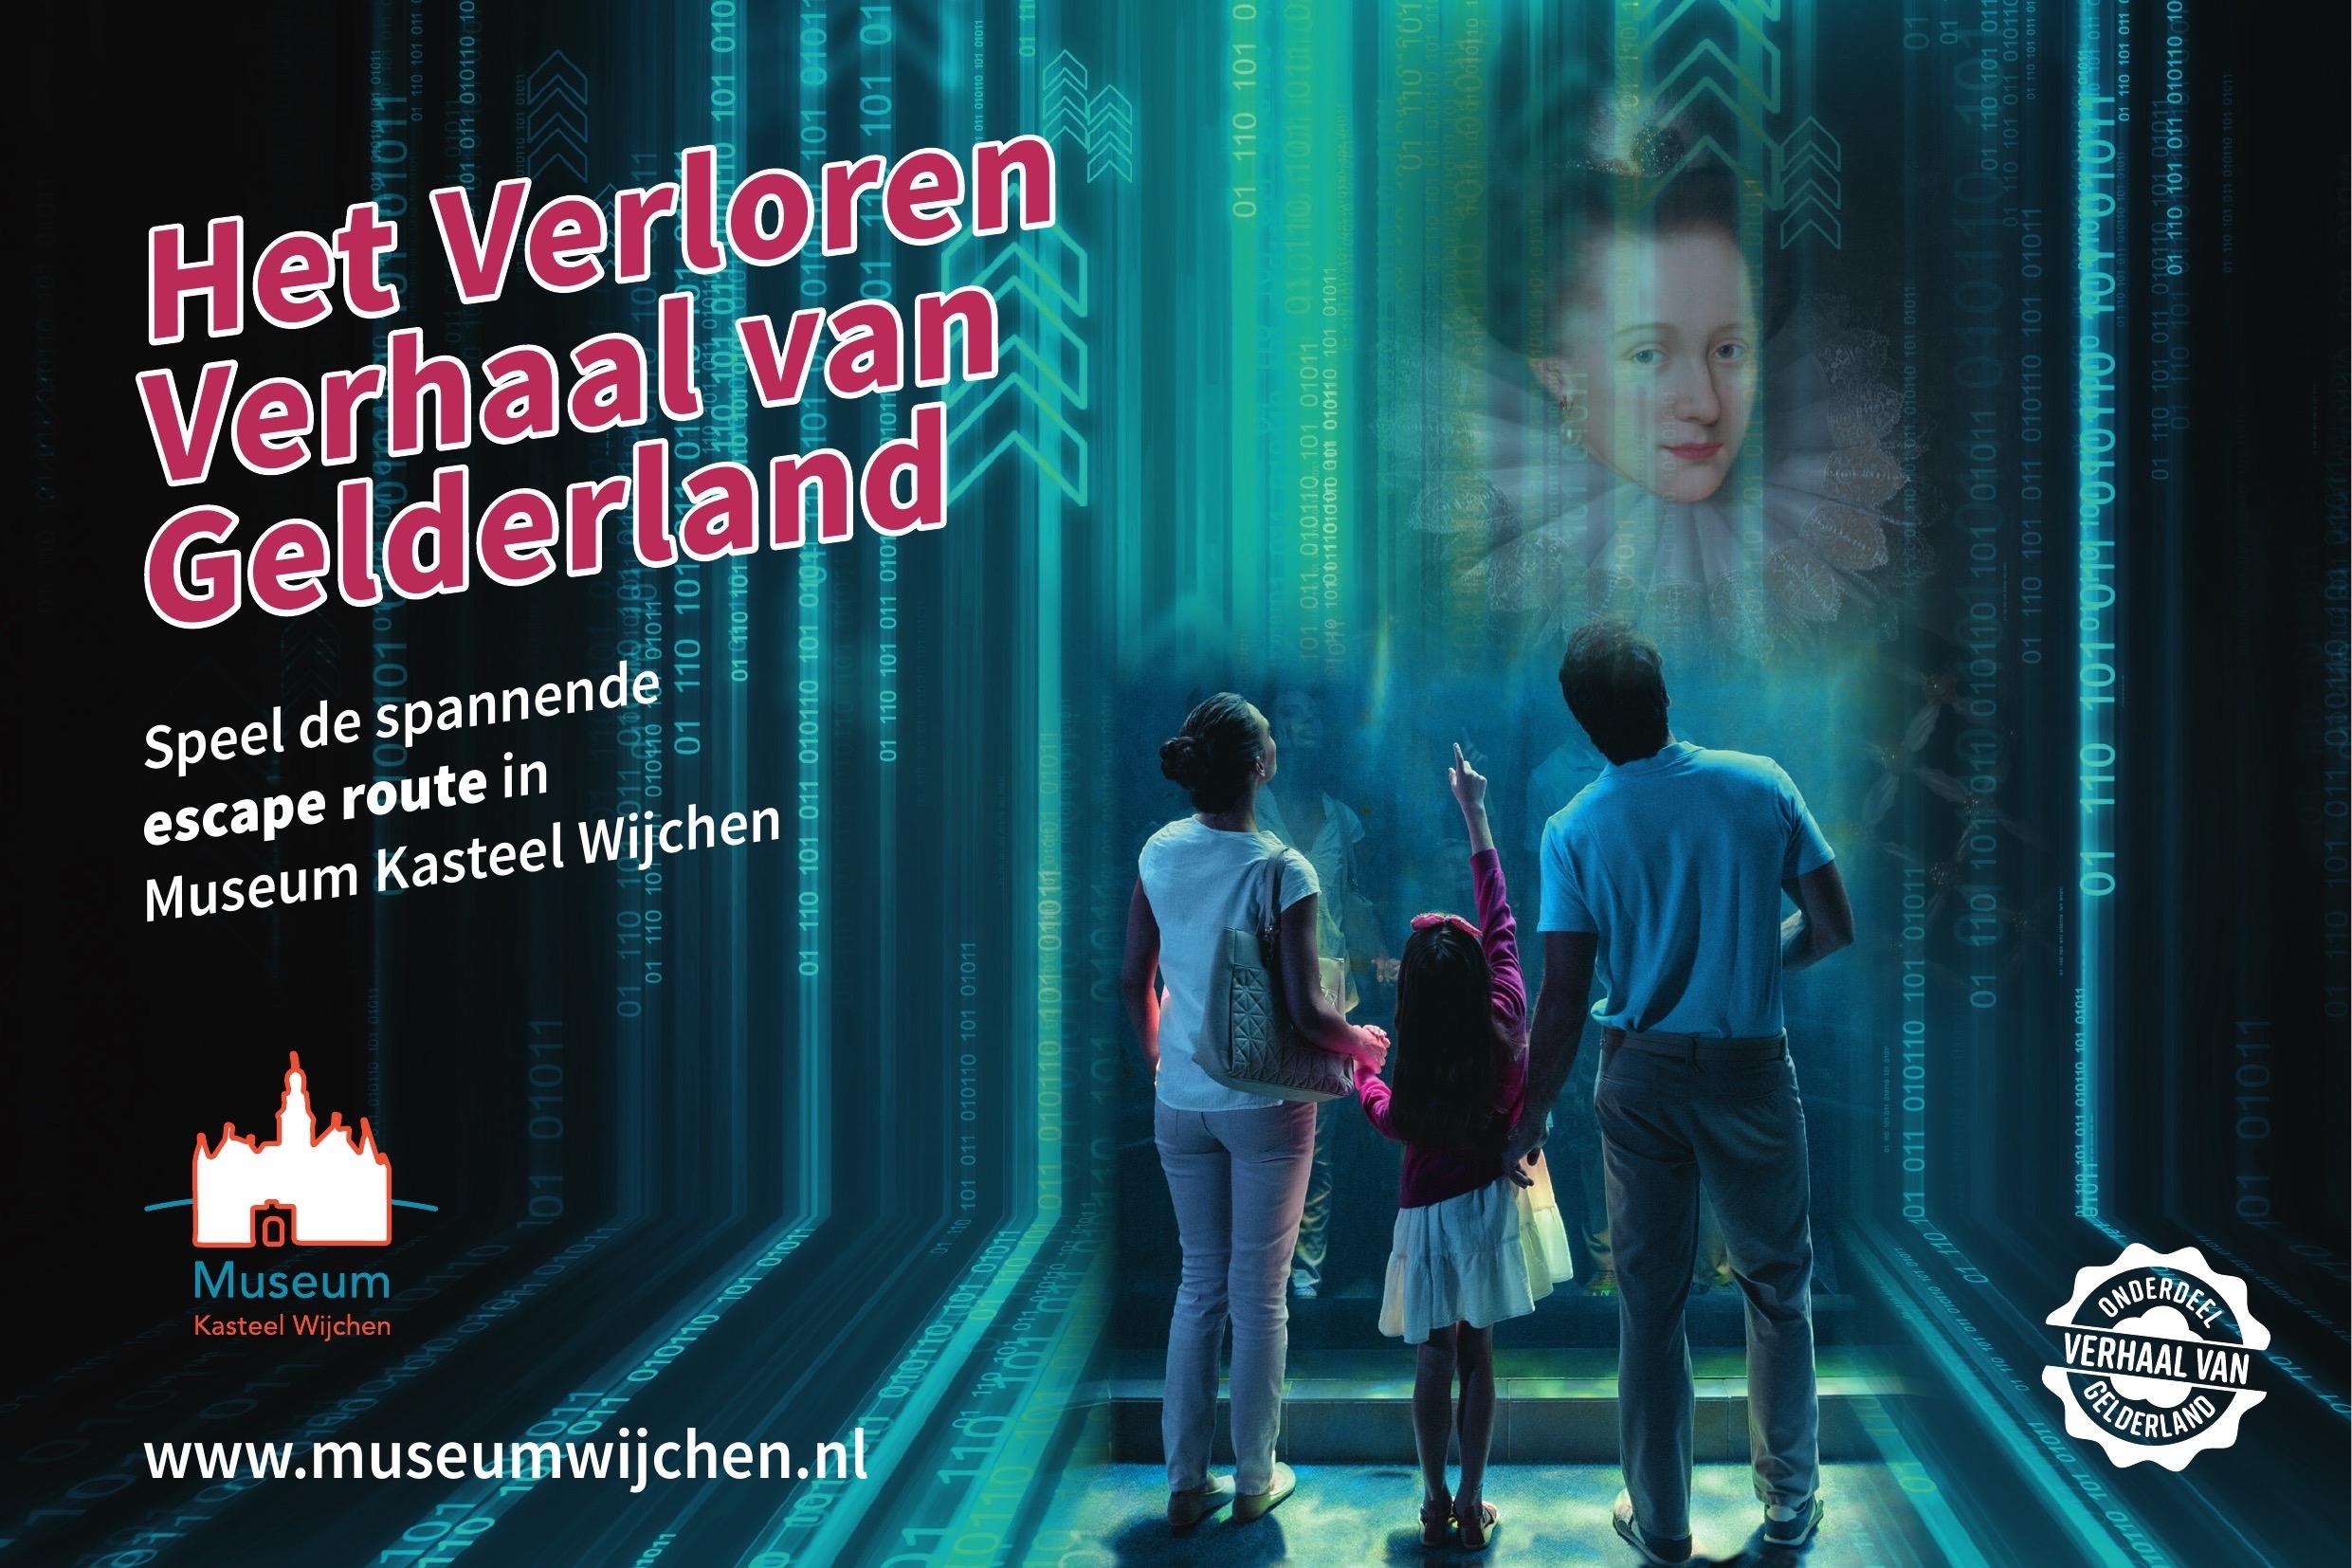 Speel met het hele gezin de spannende escape route bij Museum Kasteel Wijchen